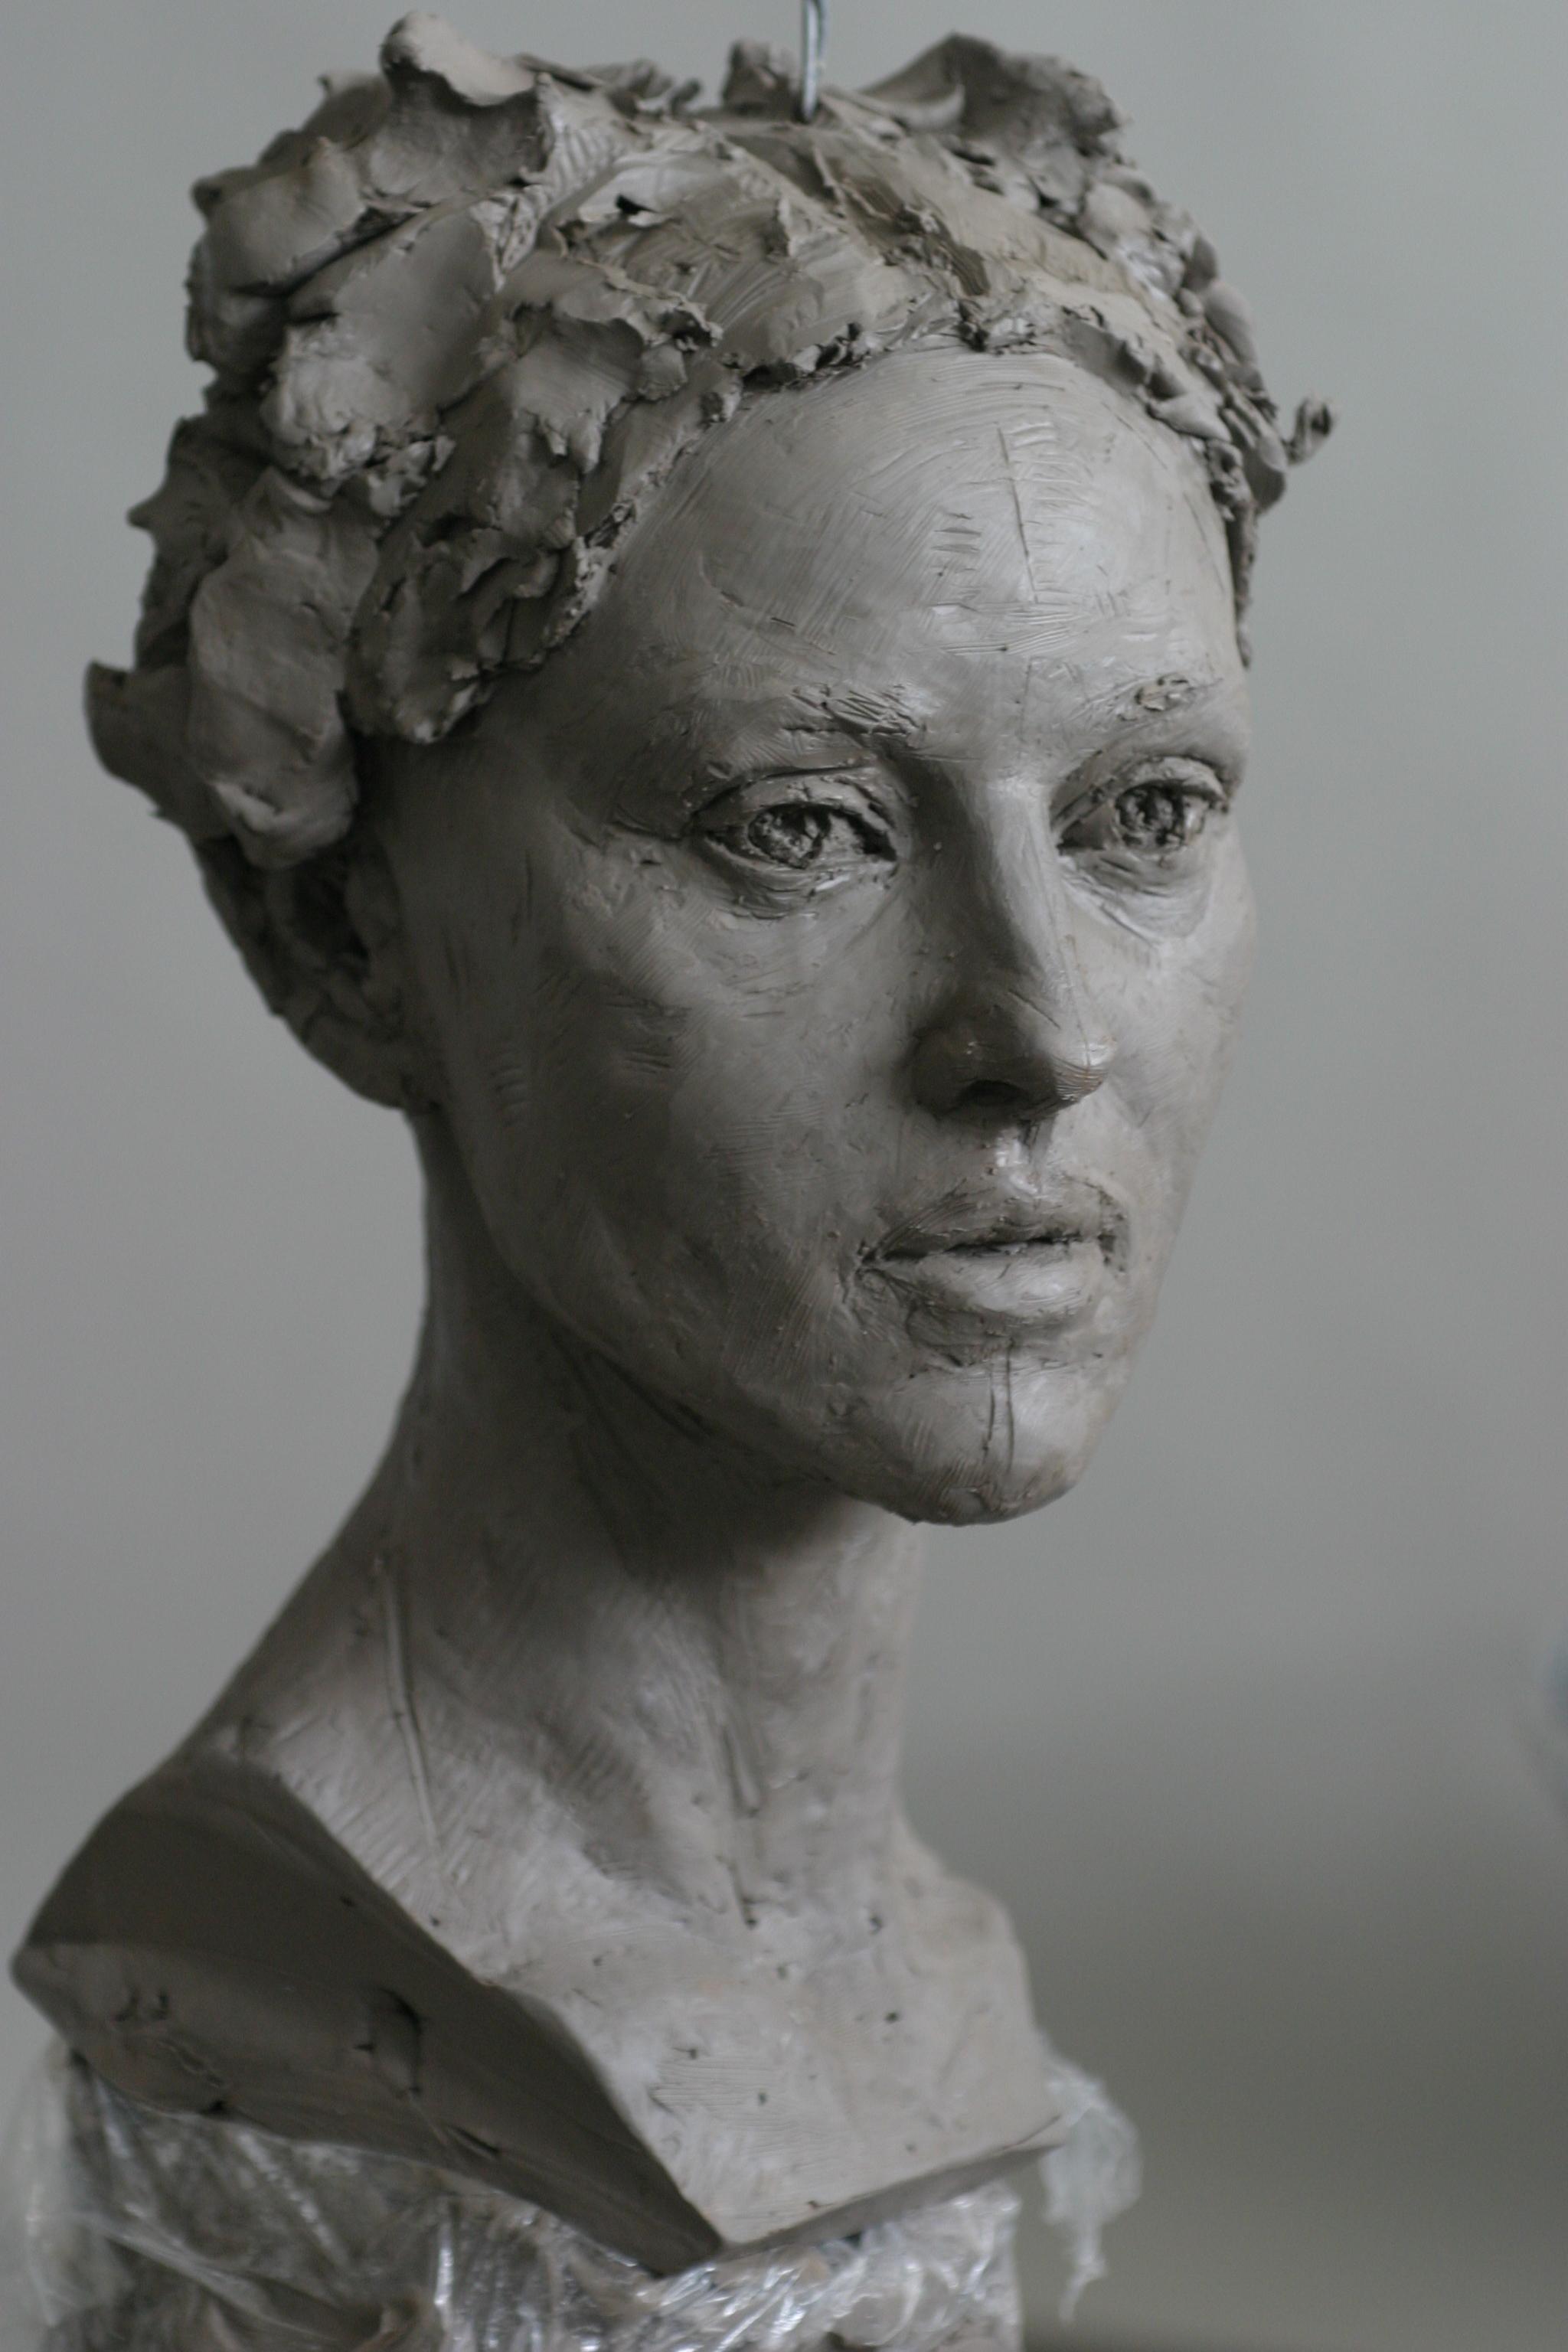 Monica Belluci - Sculpture en terre par Eric Saint Chaffray - Credit Musée Grévin